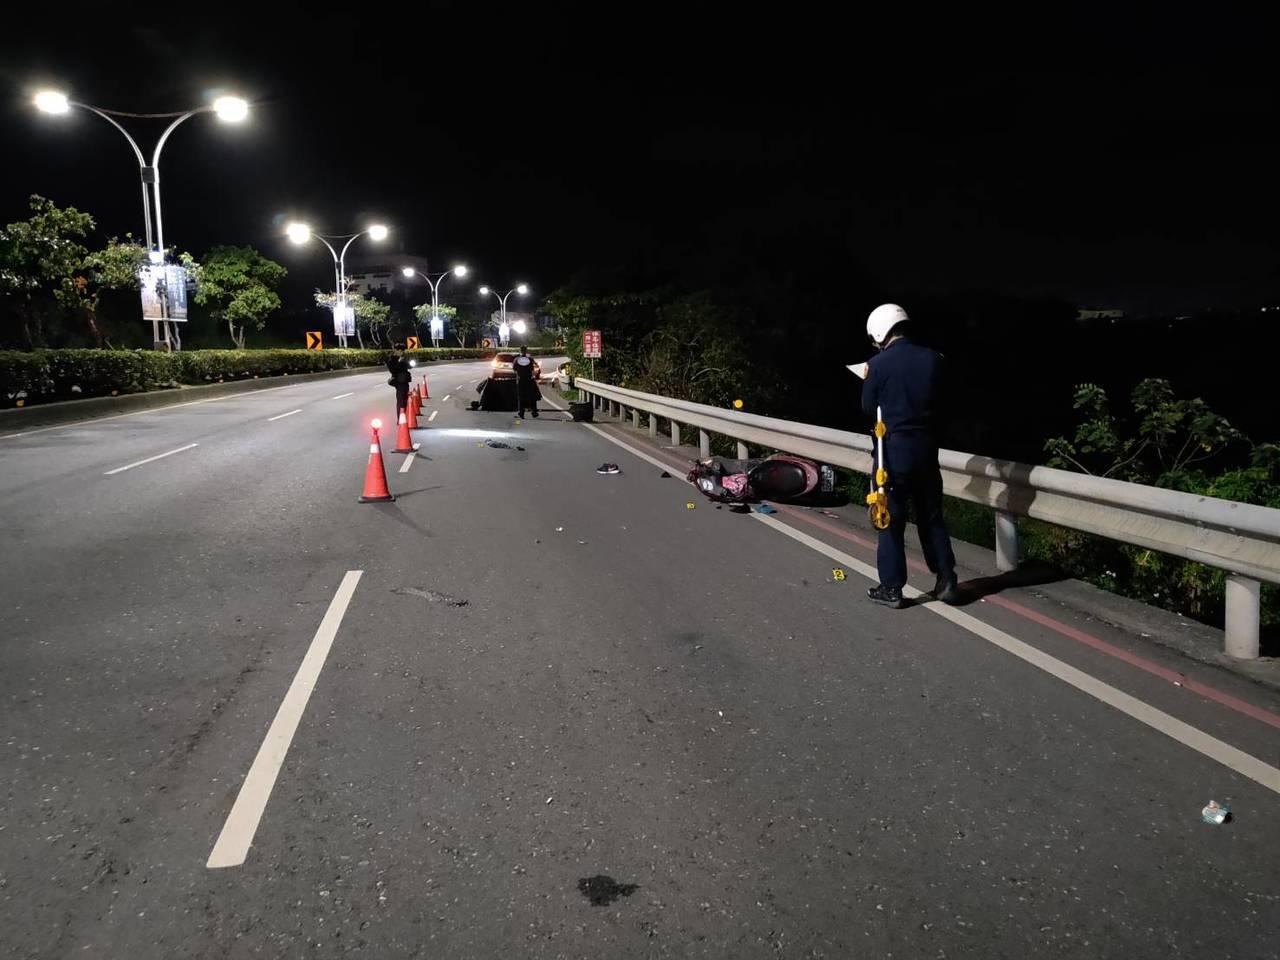 死者所騎乘的機車更被撞得粉碎,直接卡在路旁的護欄下。記者巫鴻瑋/翻攝